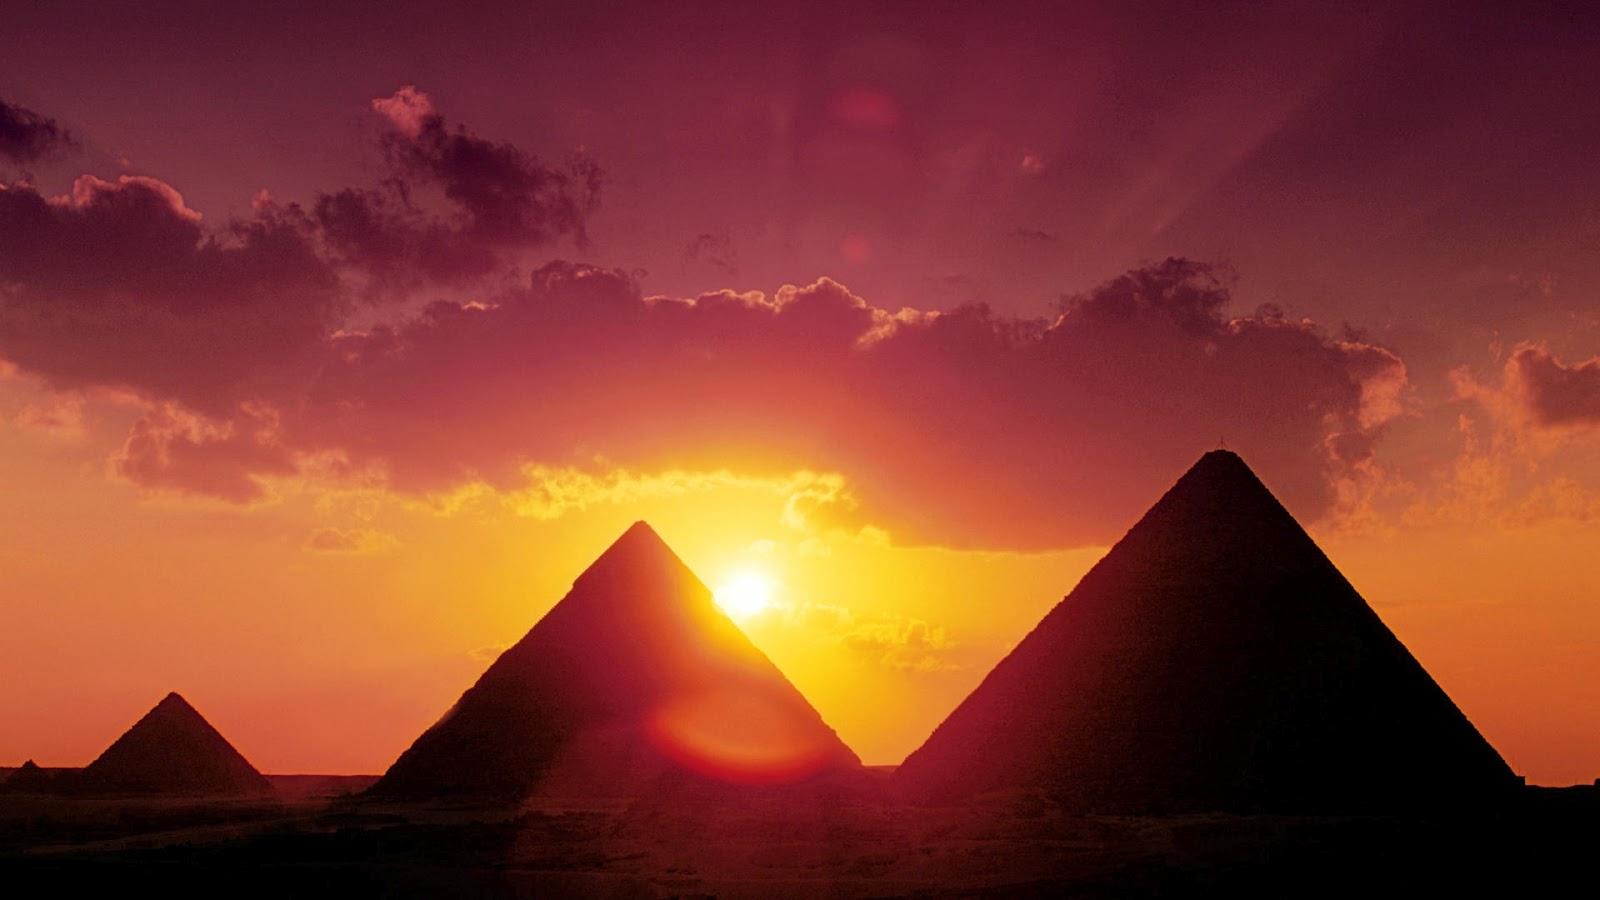 http://1.bp.blogspot.com/-a_gyJyjG8Fc/UA1guEgYXeI/AAAAAAAAAls/Ydd7gMw1iDc/s1600/Giza+Pyramids,+Cairo,+Egypt.jpg